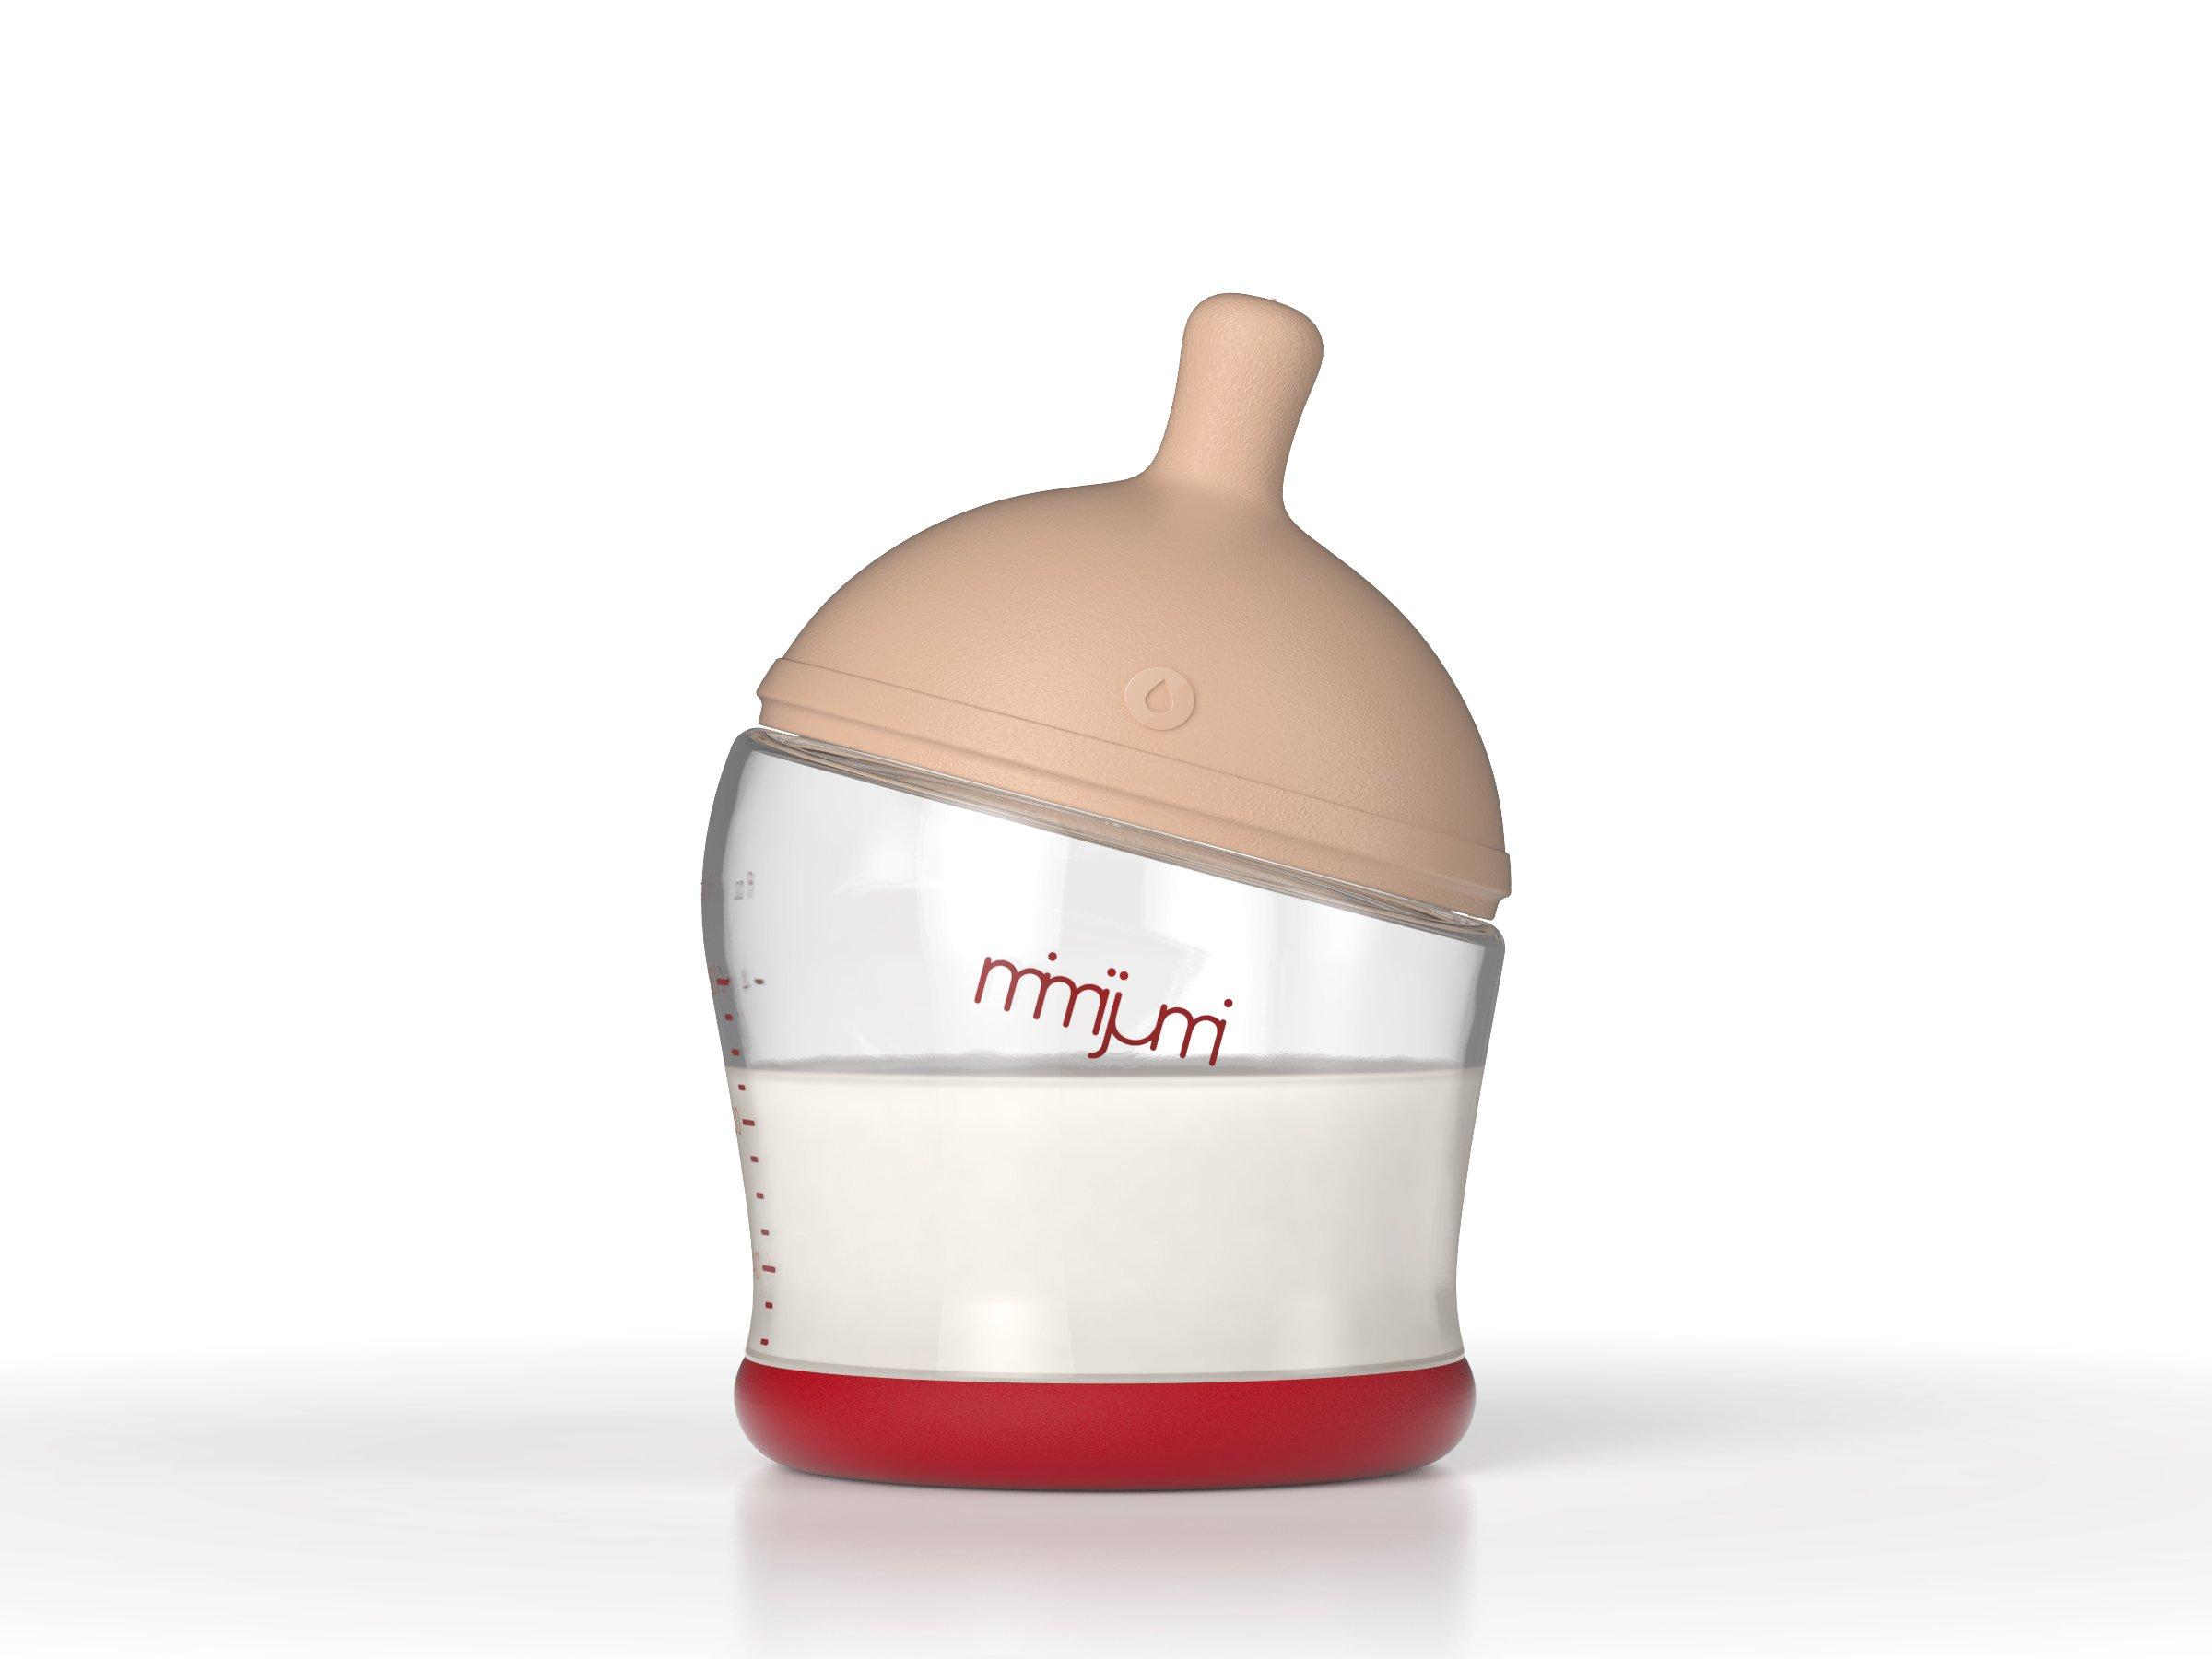 mimijumi Get Going Breastfeeding Bottle Kit, Set of 4